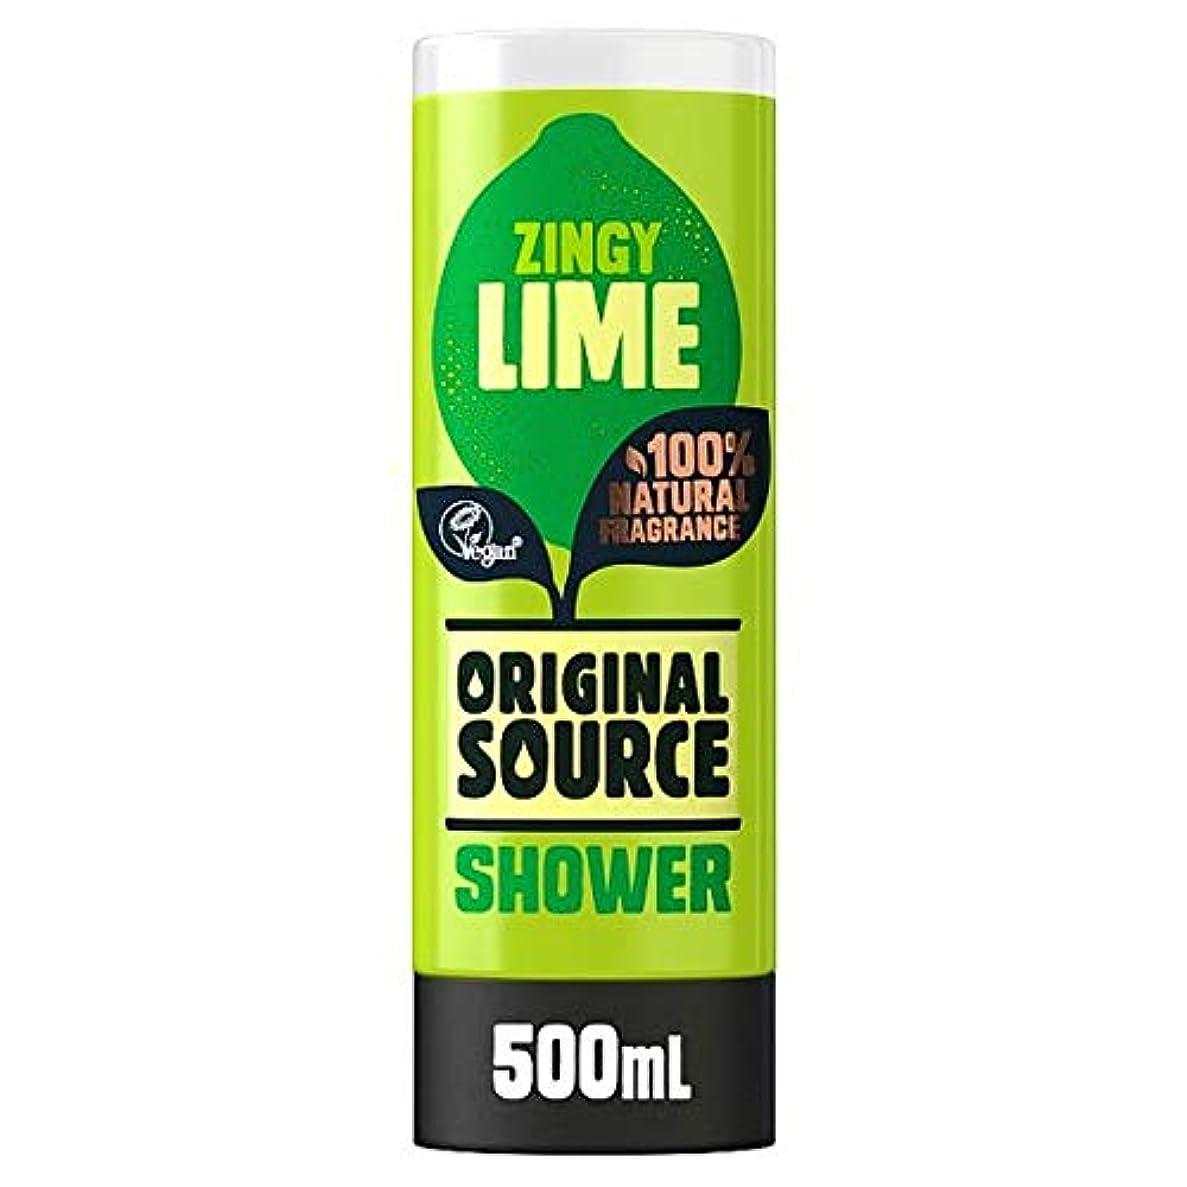 高いごみ漁師[Original Source ] 元のソースライムシャワージェル500ミリリットル - Original Source Lime Shower Gel 500Ml [並行輸入品]